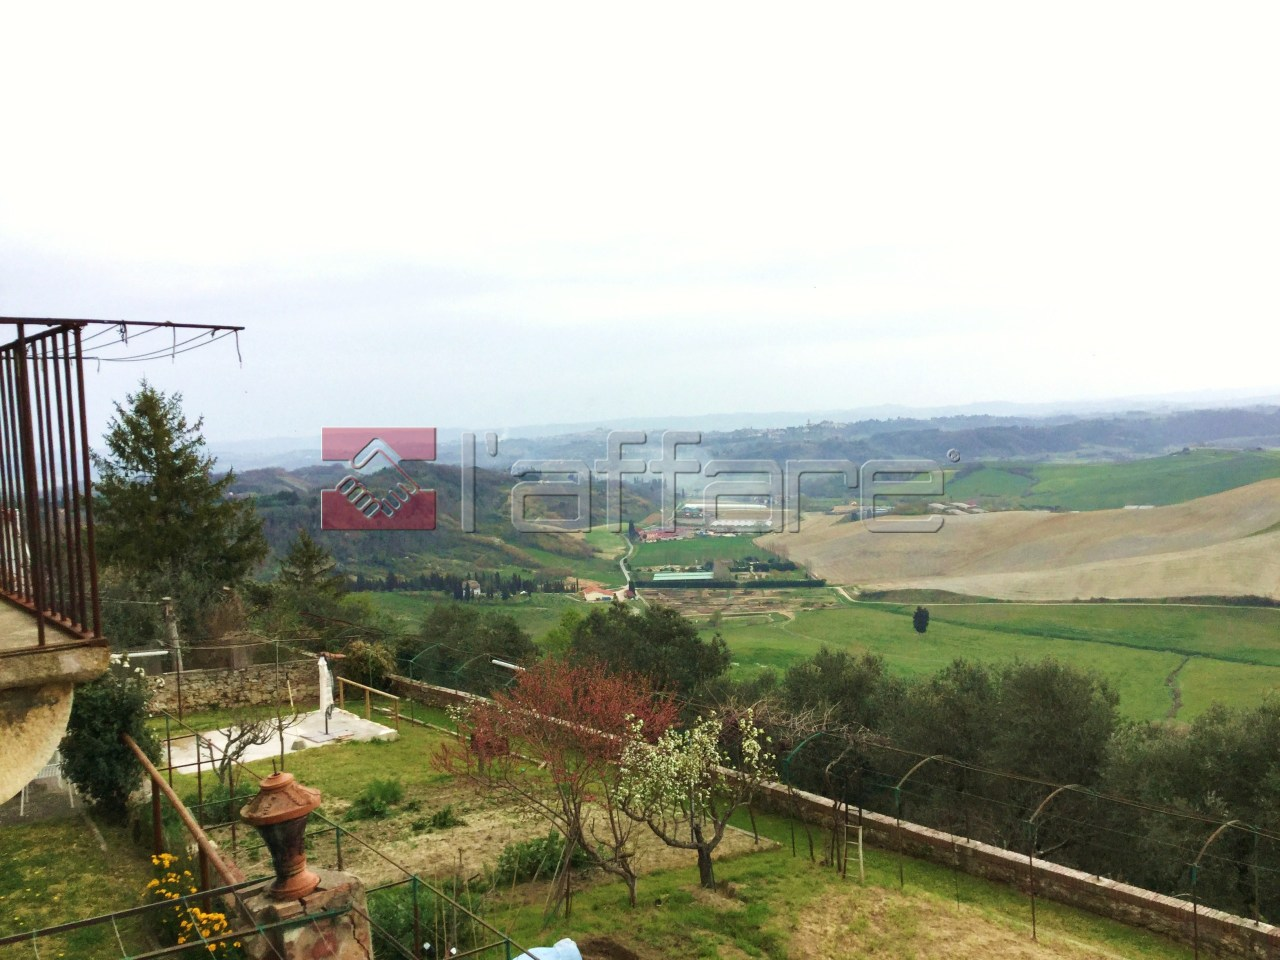 Appartamento in vendita a Casciana Terme Lari, 6 locali, prezzo € 80.000 | Cambio Casa.it